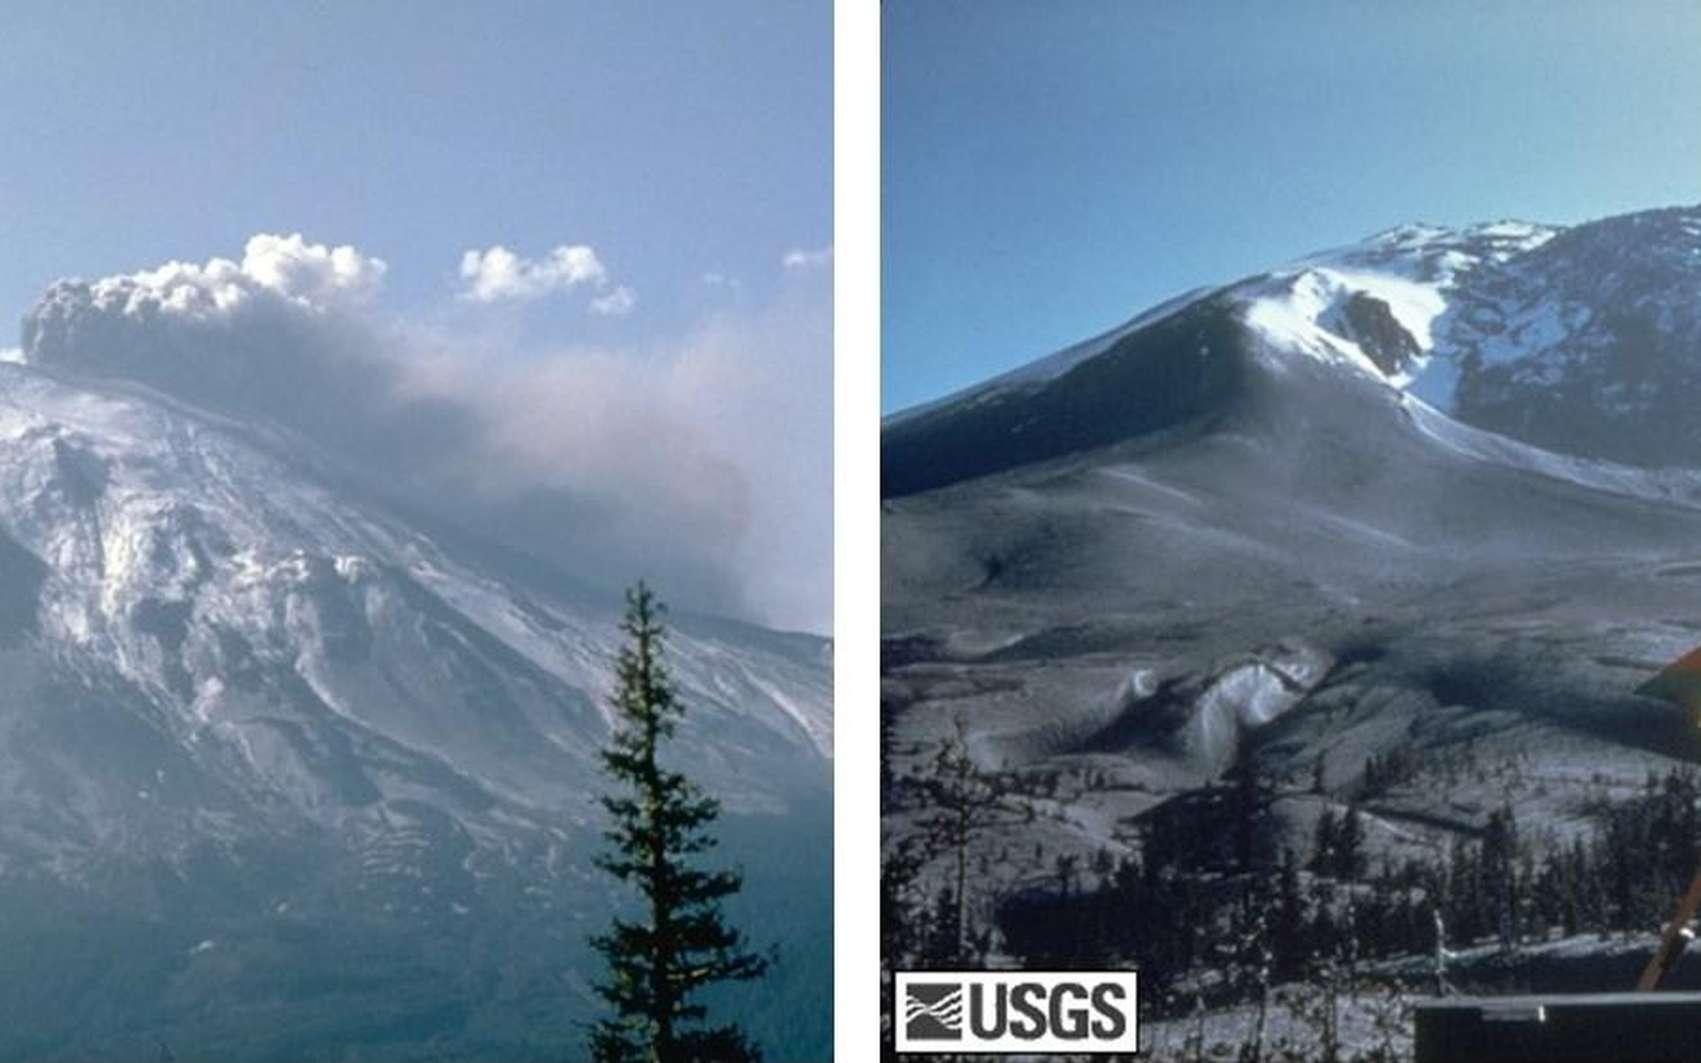 À gauche, le versant sud du mont Saint Helens durant la phase paroxysmale, après l'éruption du 18 mai 1980. À droite, la forêt de North Fork Toutle, dévastée le 22 août 1980. © USGS, Cascades Volcano Observatory